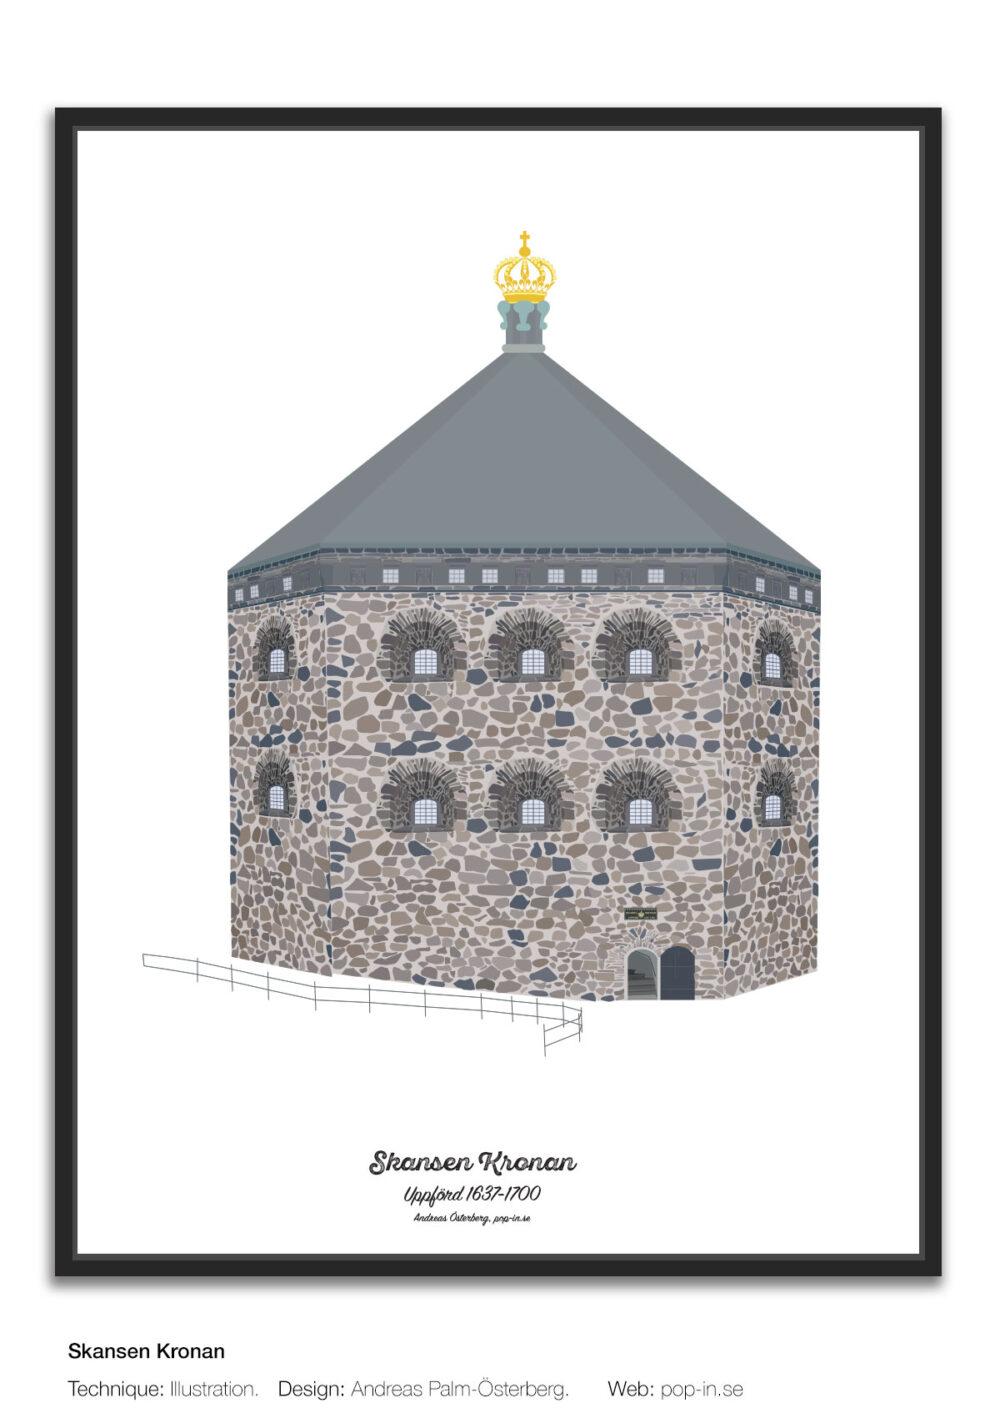 Skansen Kronan alone framed